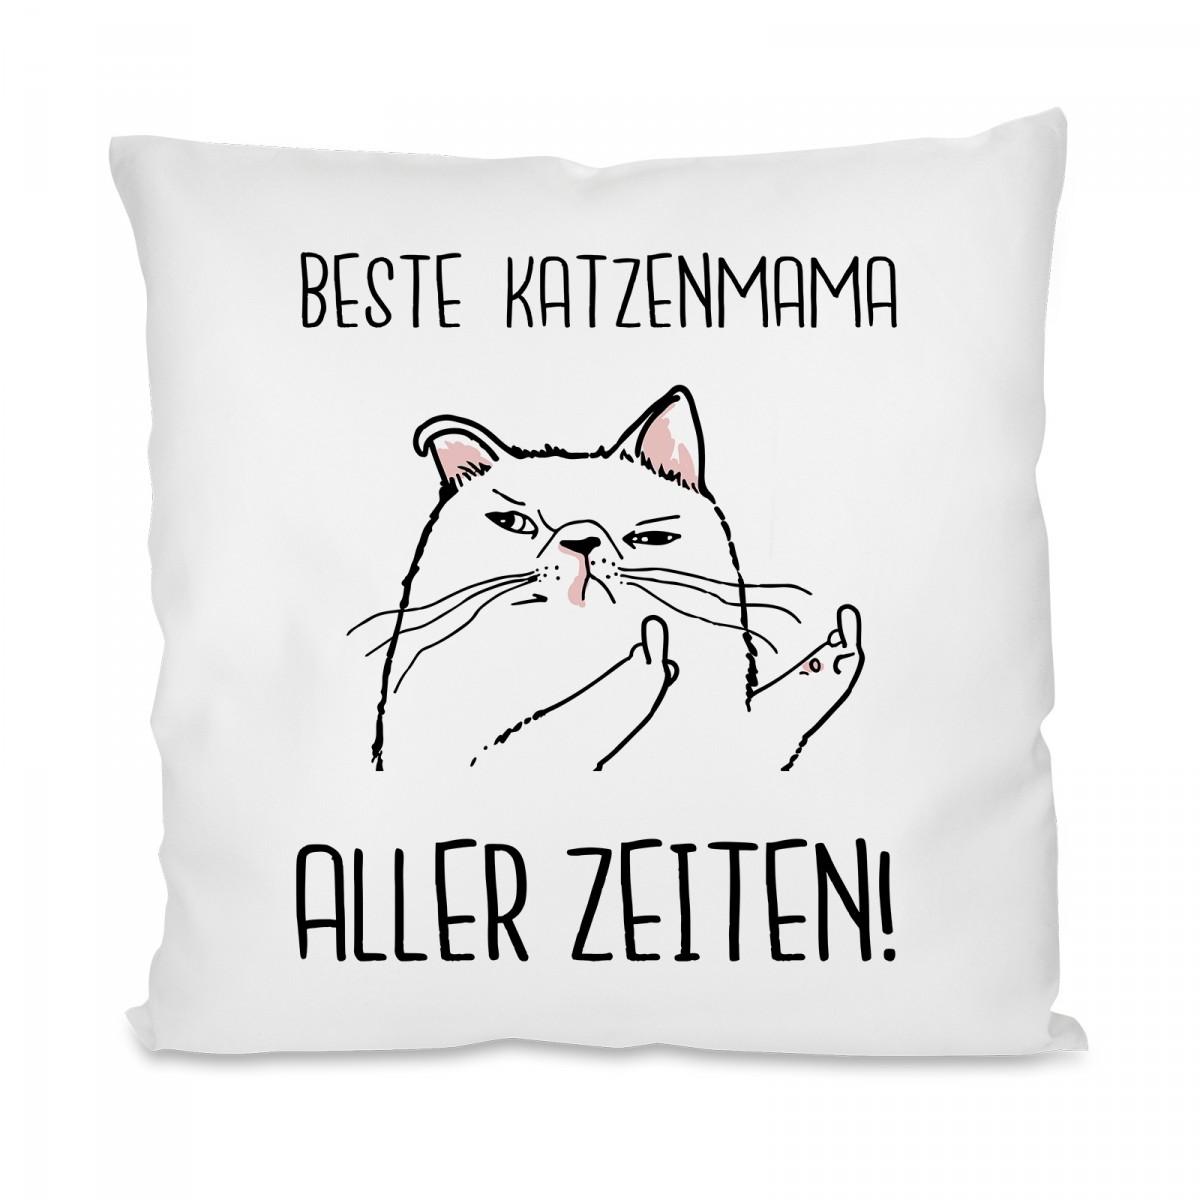 Herzbotschaft® Kissen mit Motiv Beste Katzenmama Aller Zeiten!